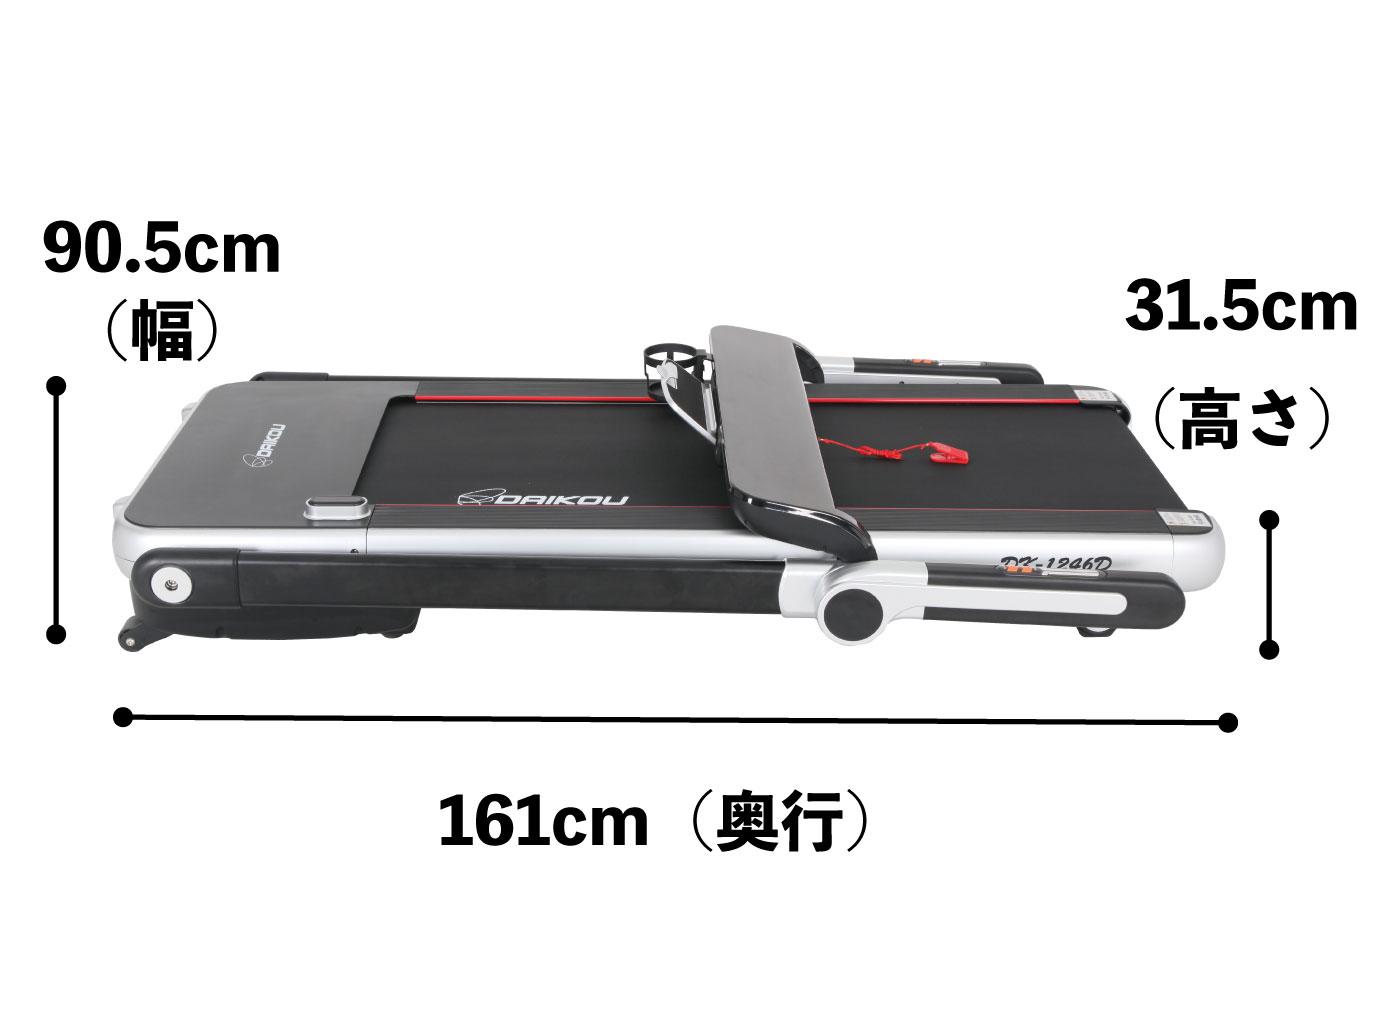 DK-1246Dの折り畳み時サイズ